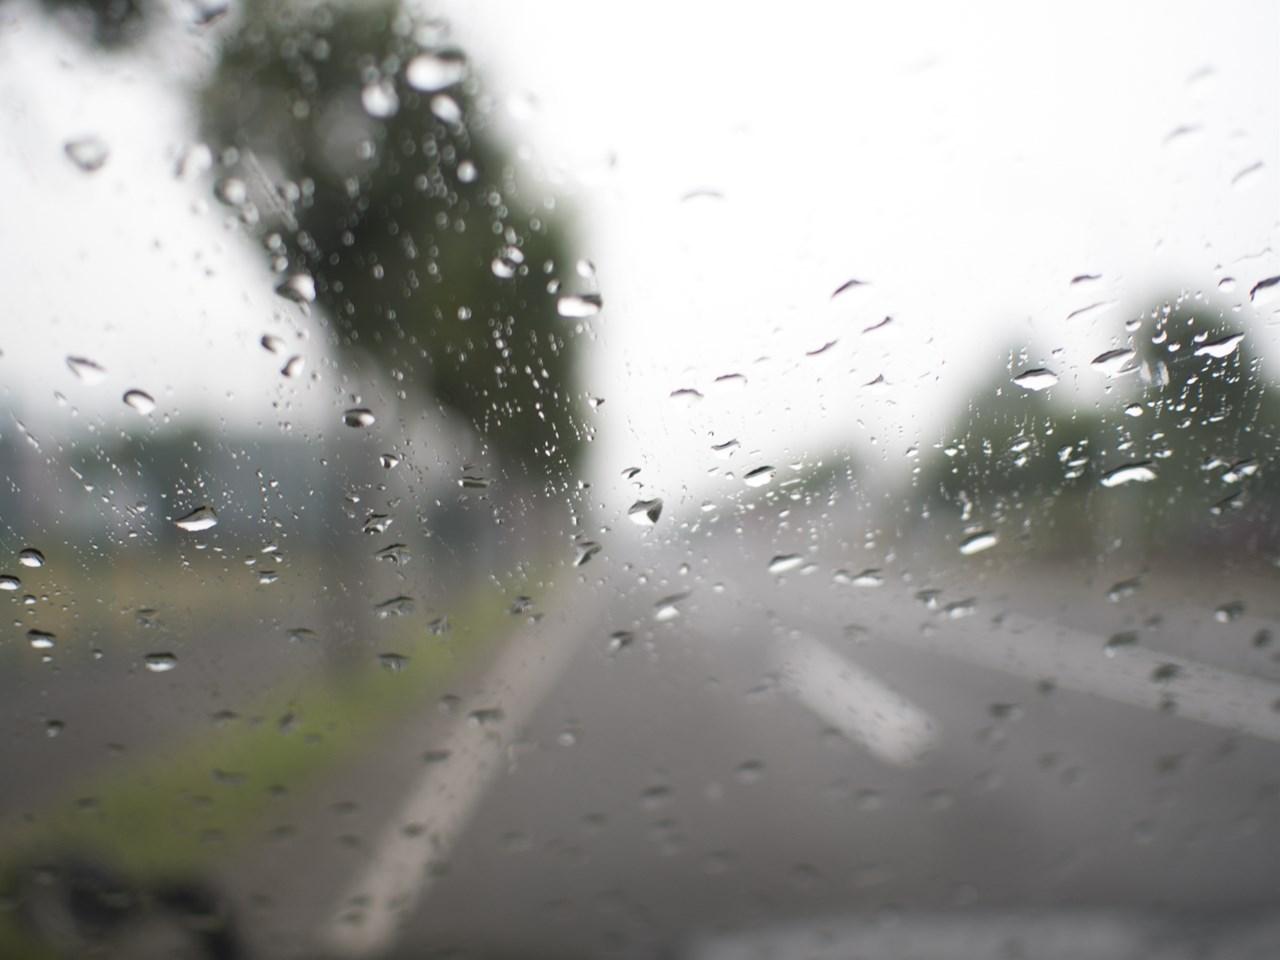 雨で濡れたフロントガラス